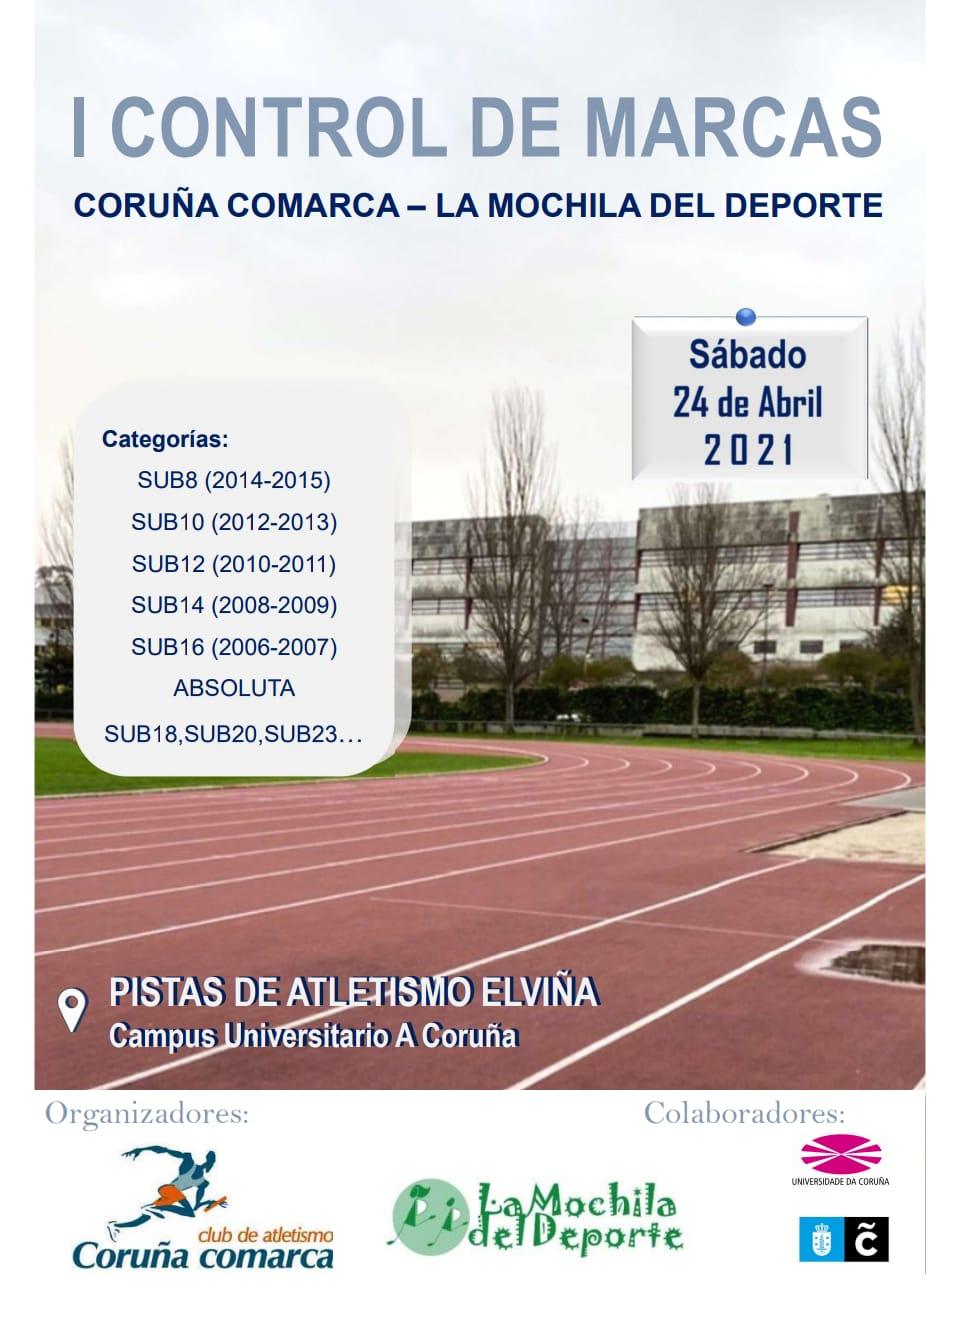 I Control de Marcas Coruña Comarca – La Mochila del Deporte 2021